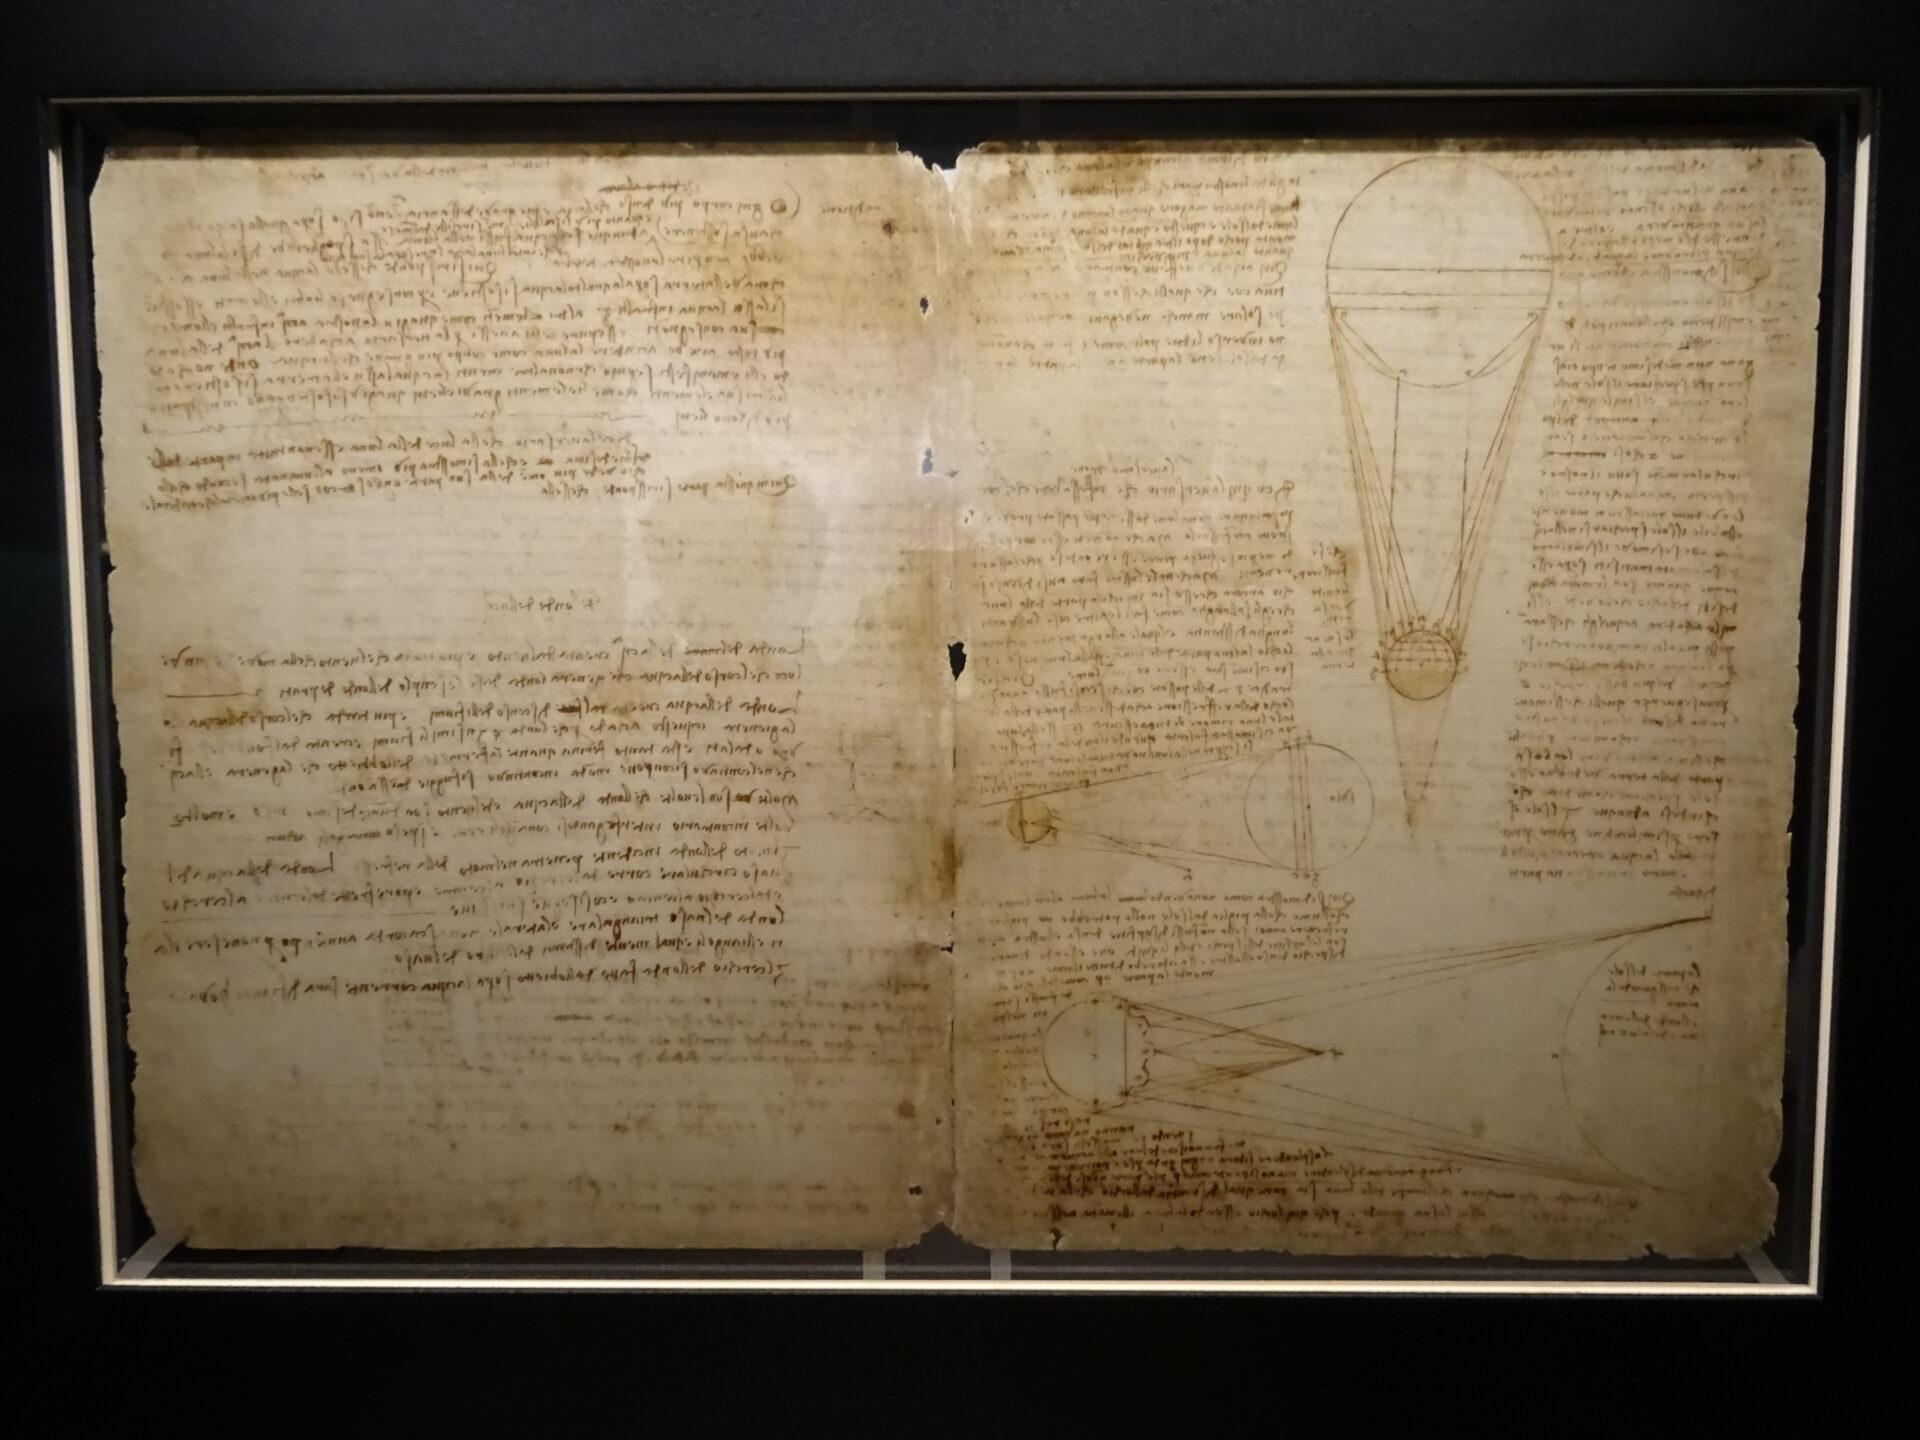 レオナルド・ダ・ヴィンチ手稿3